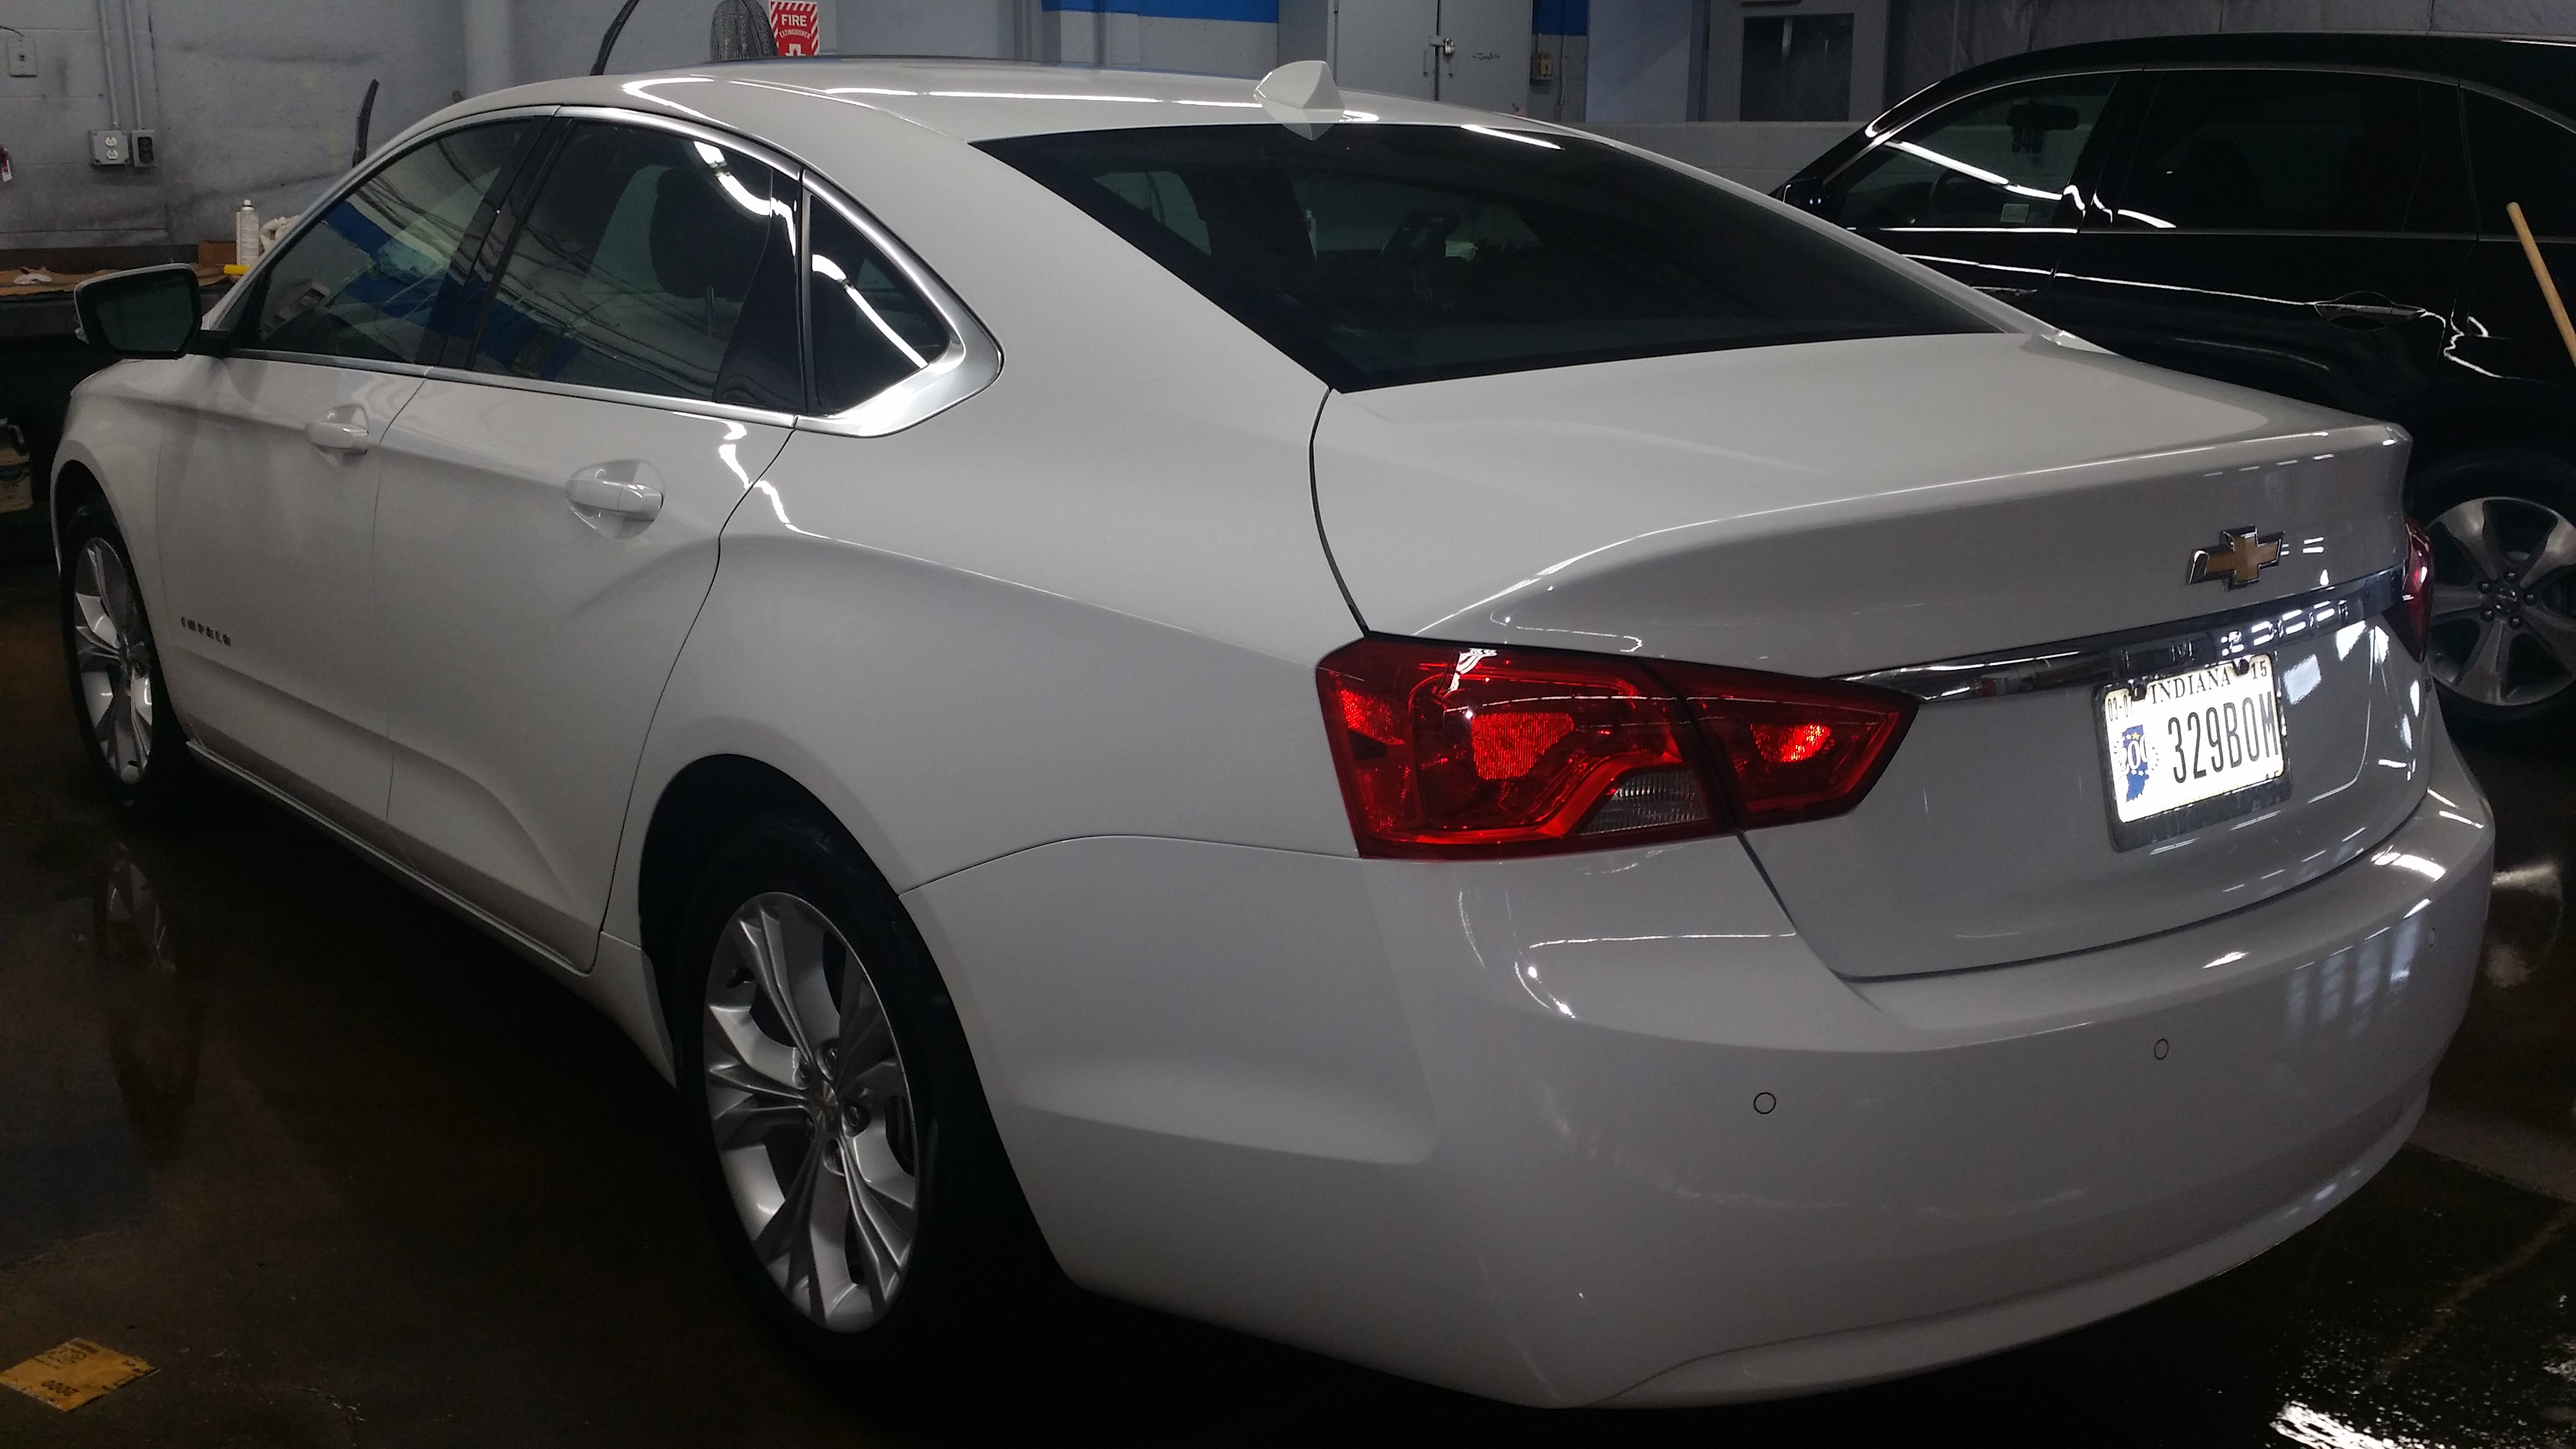 Impala Damage Rear